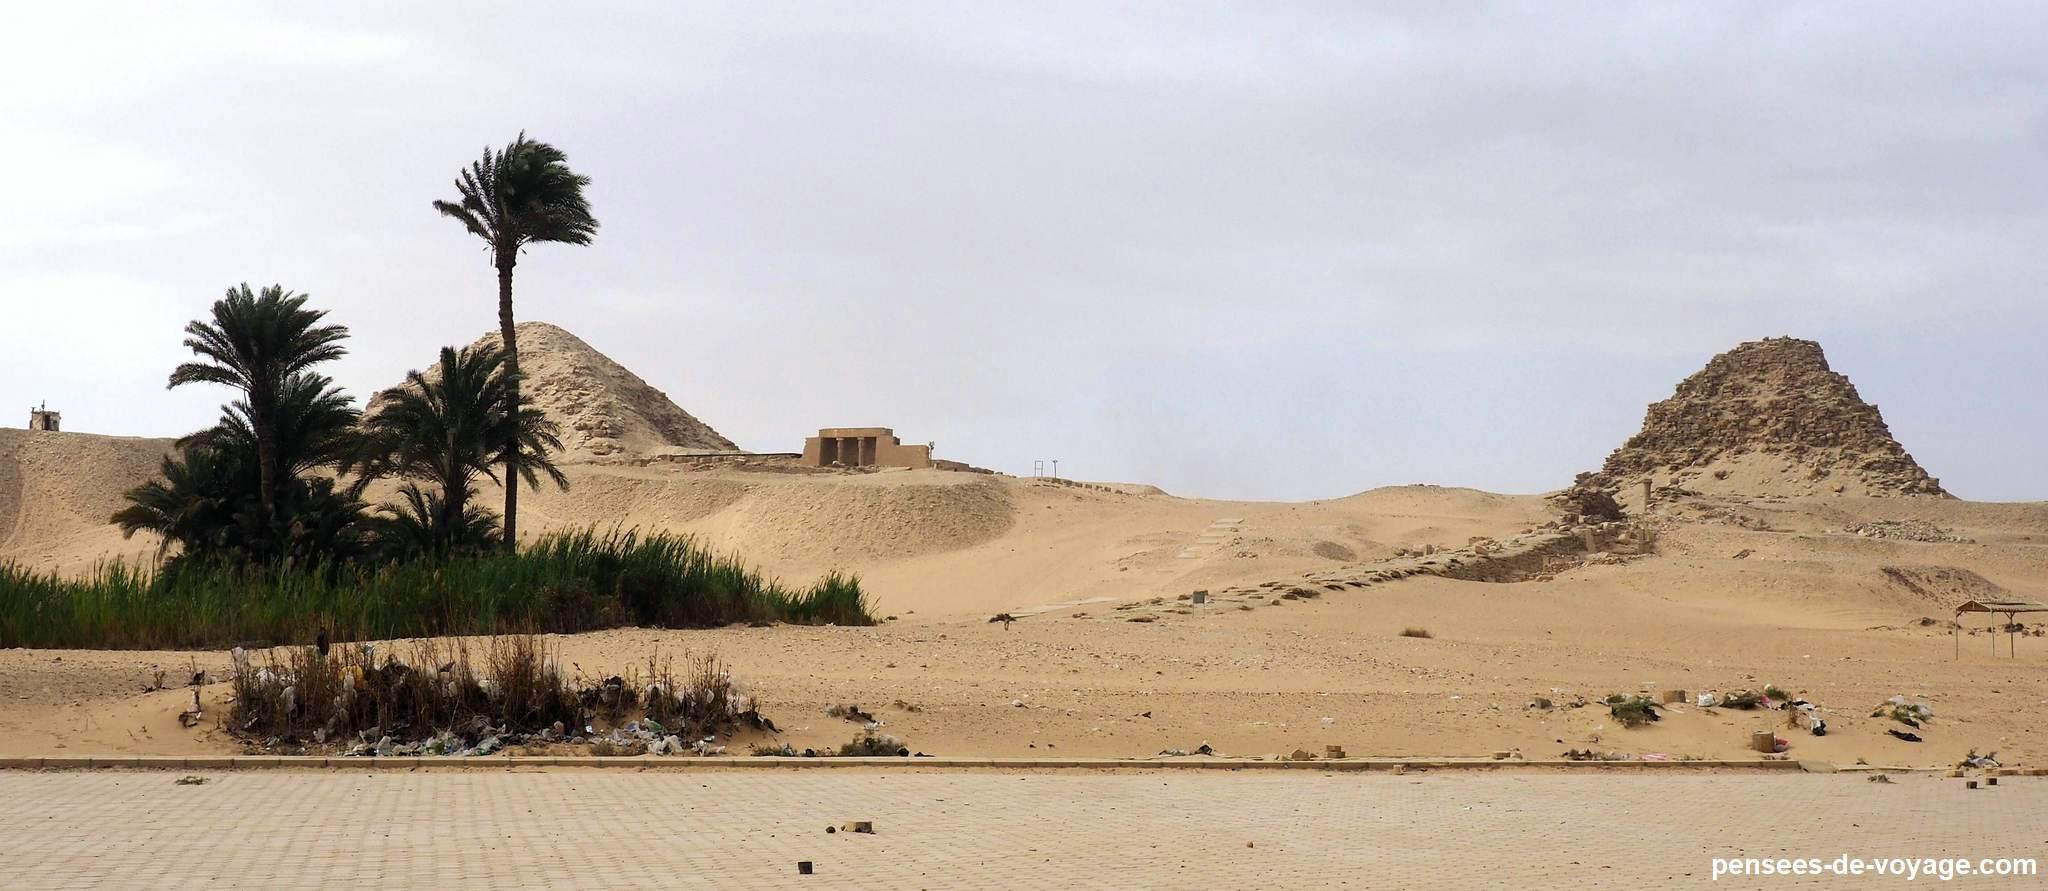 Necropole pyramides Abousir